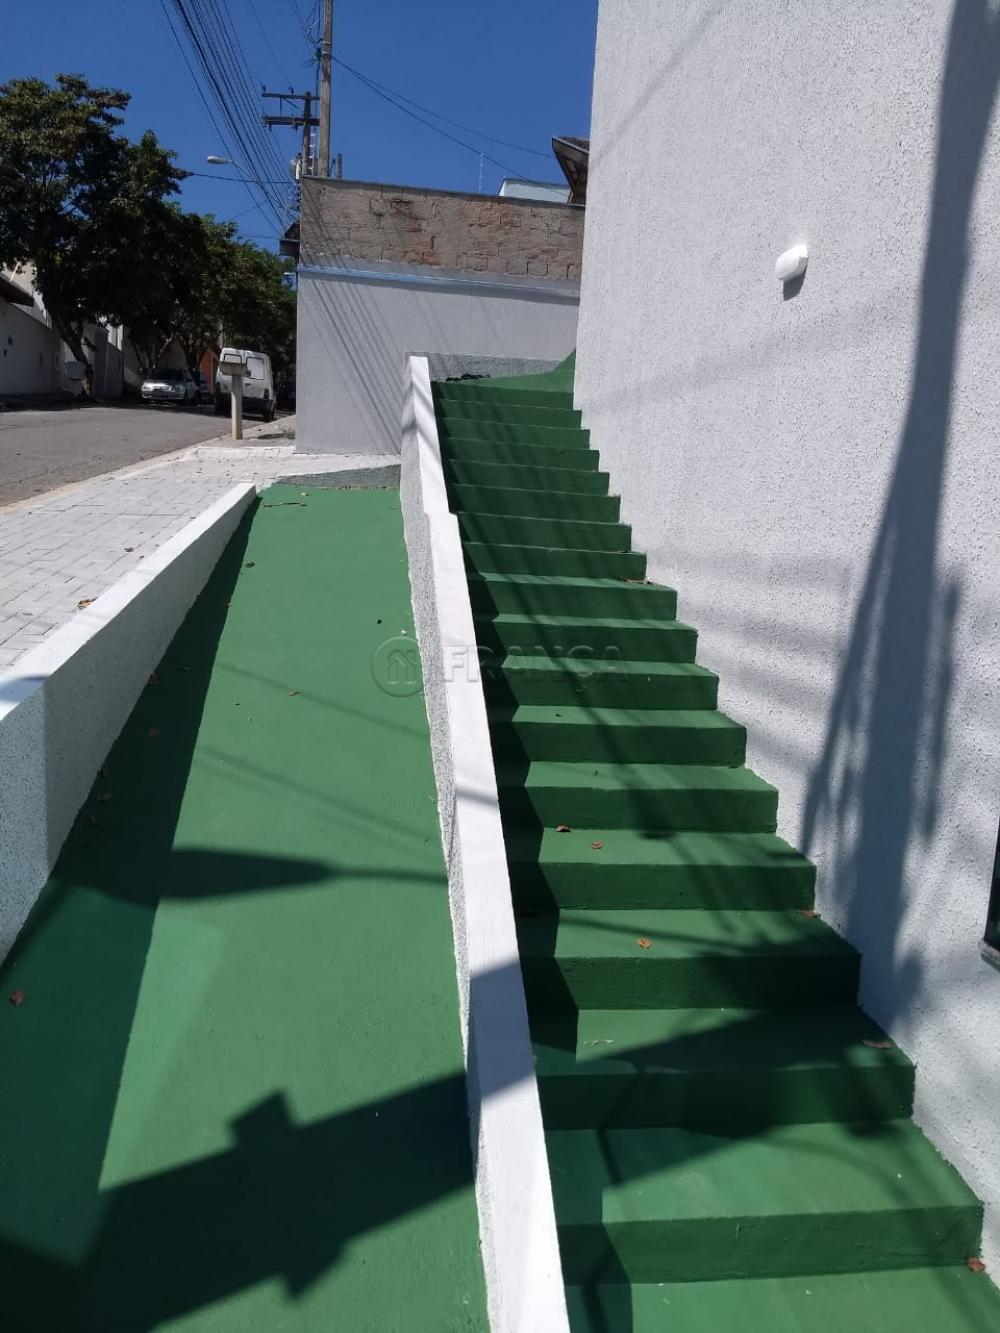 Alugar Comercial / Ponto Comercial em Jacareí R$ 2.900,00 - Foto 5